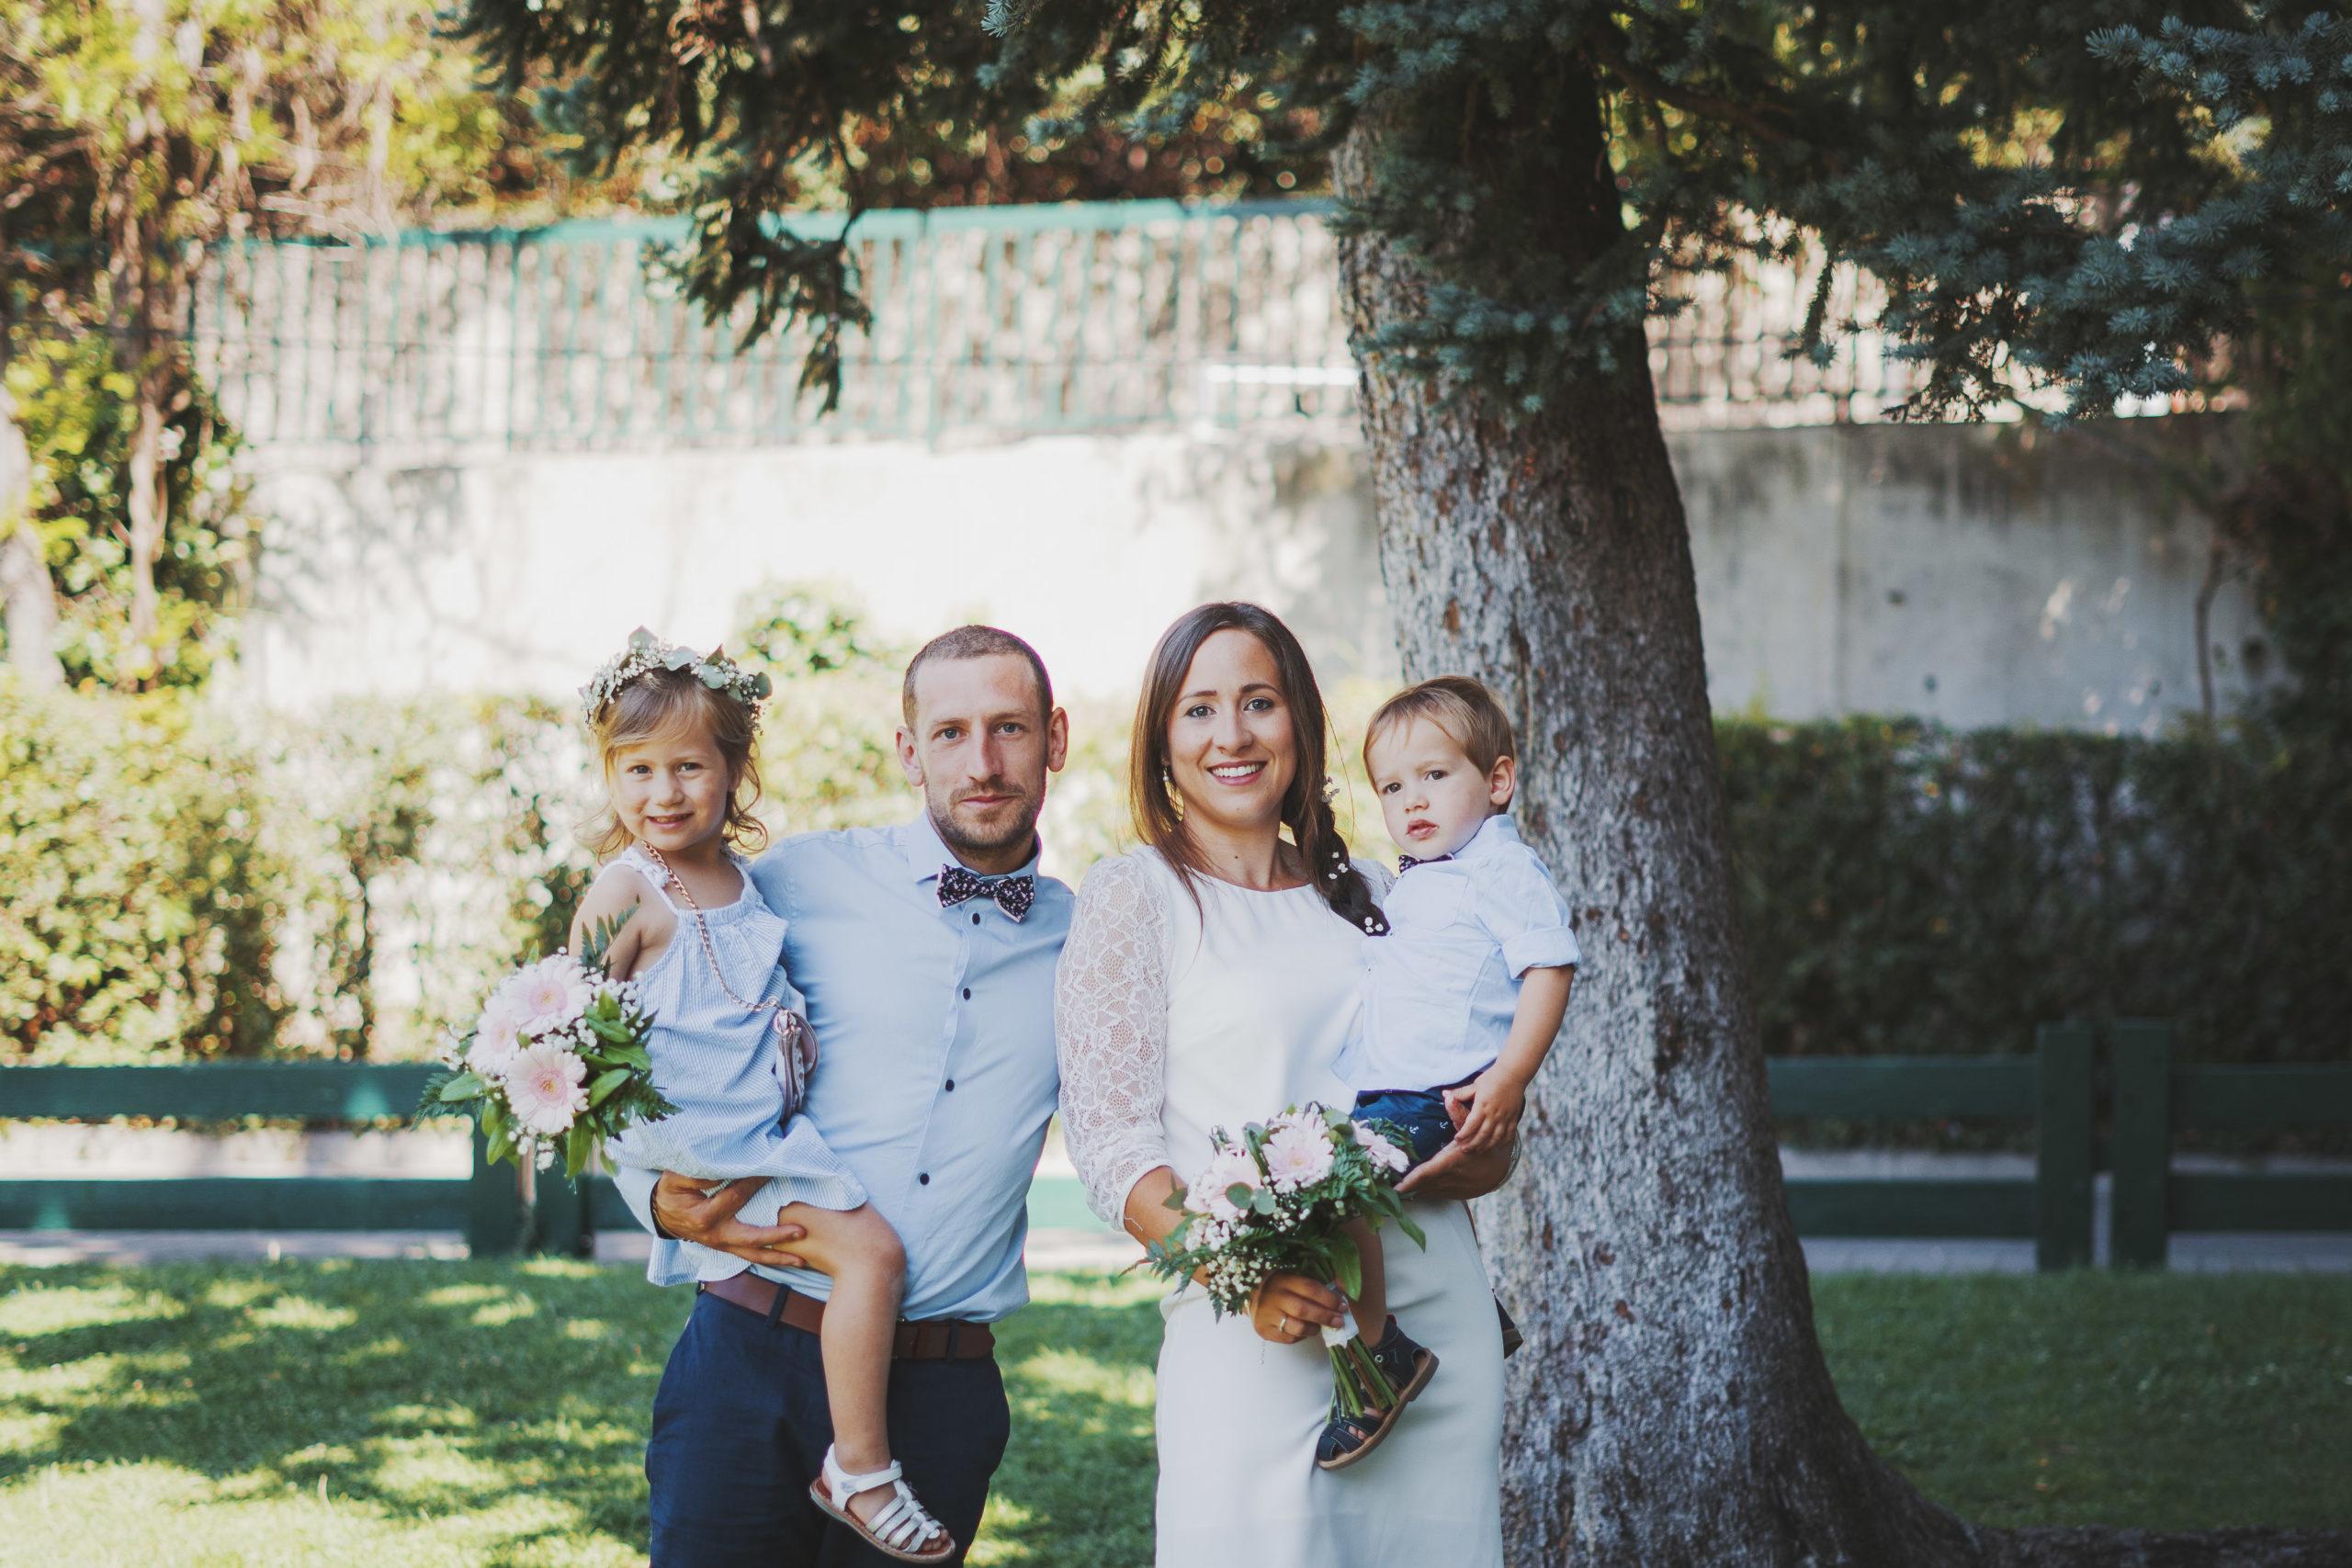 famille enfant mariage mariés